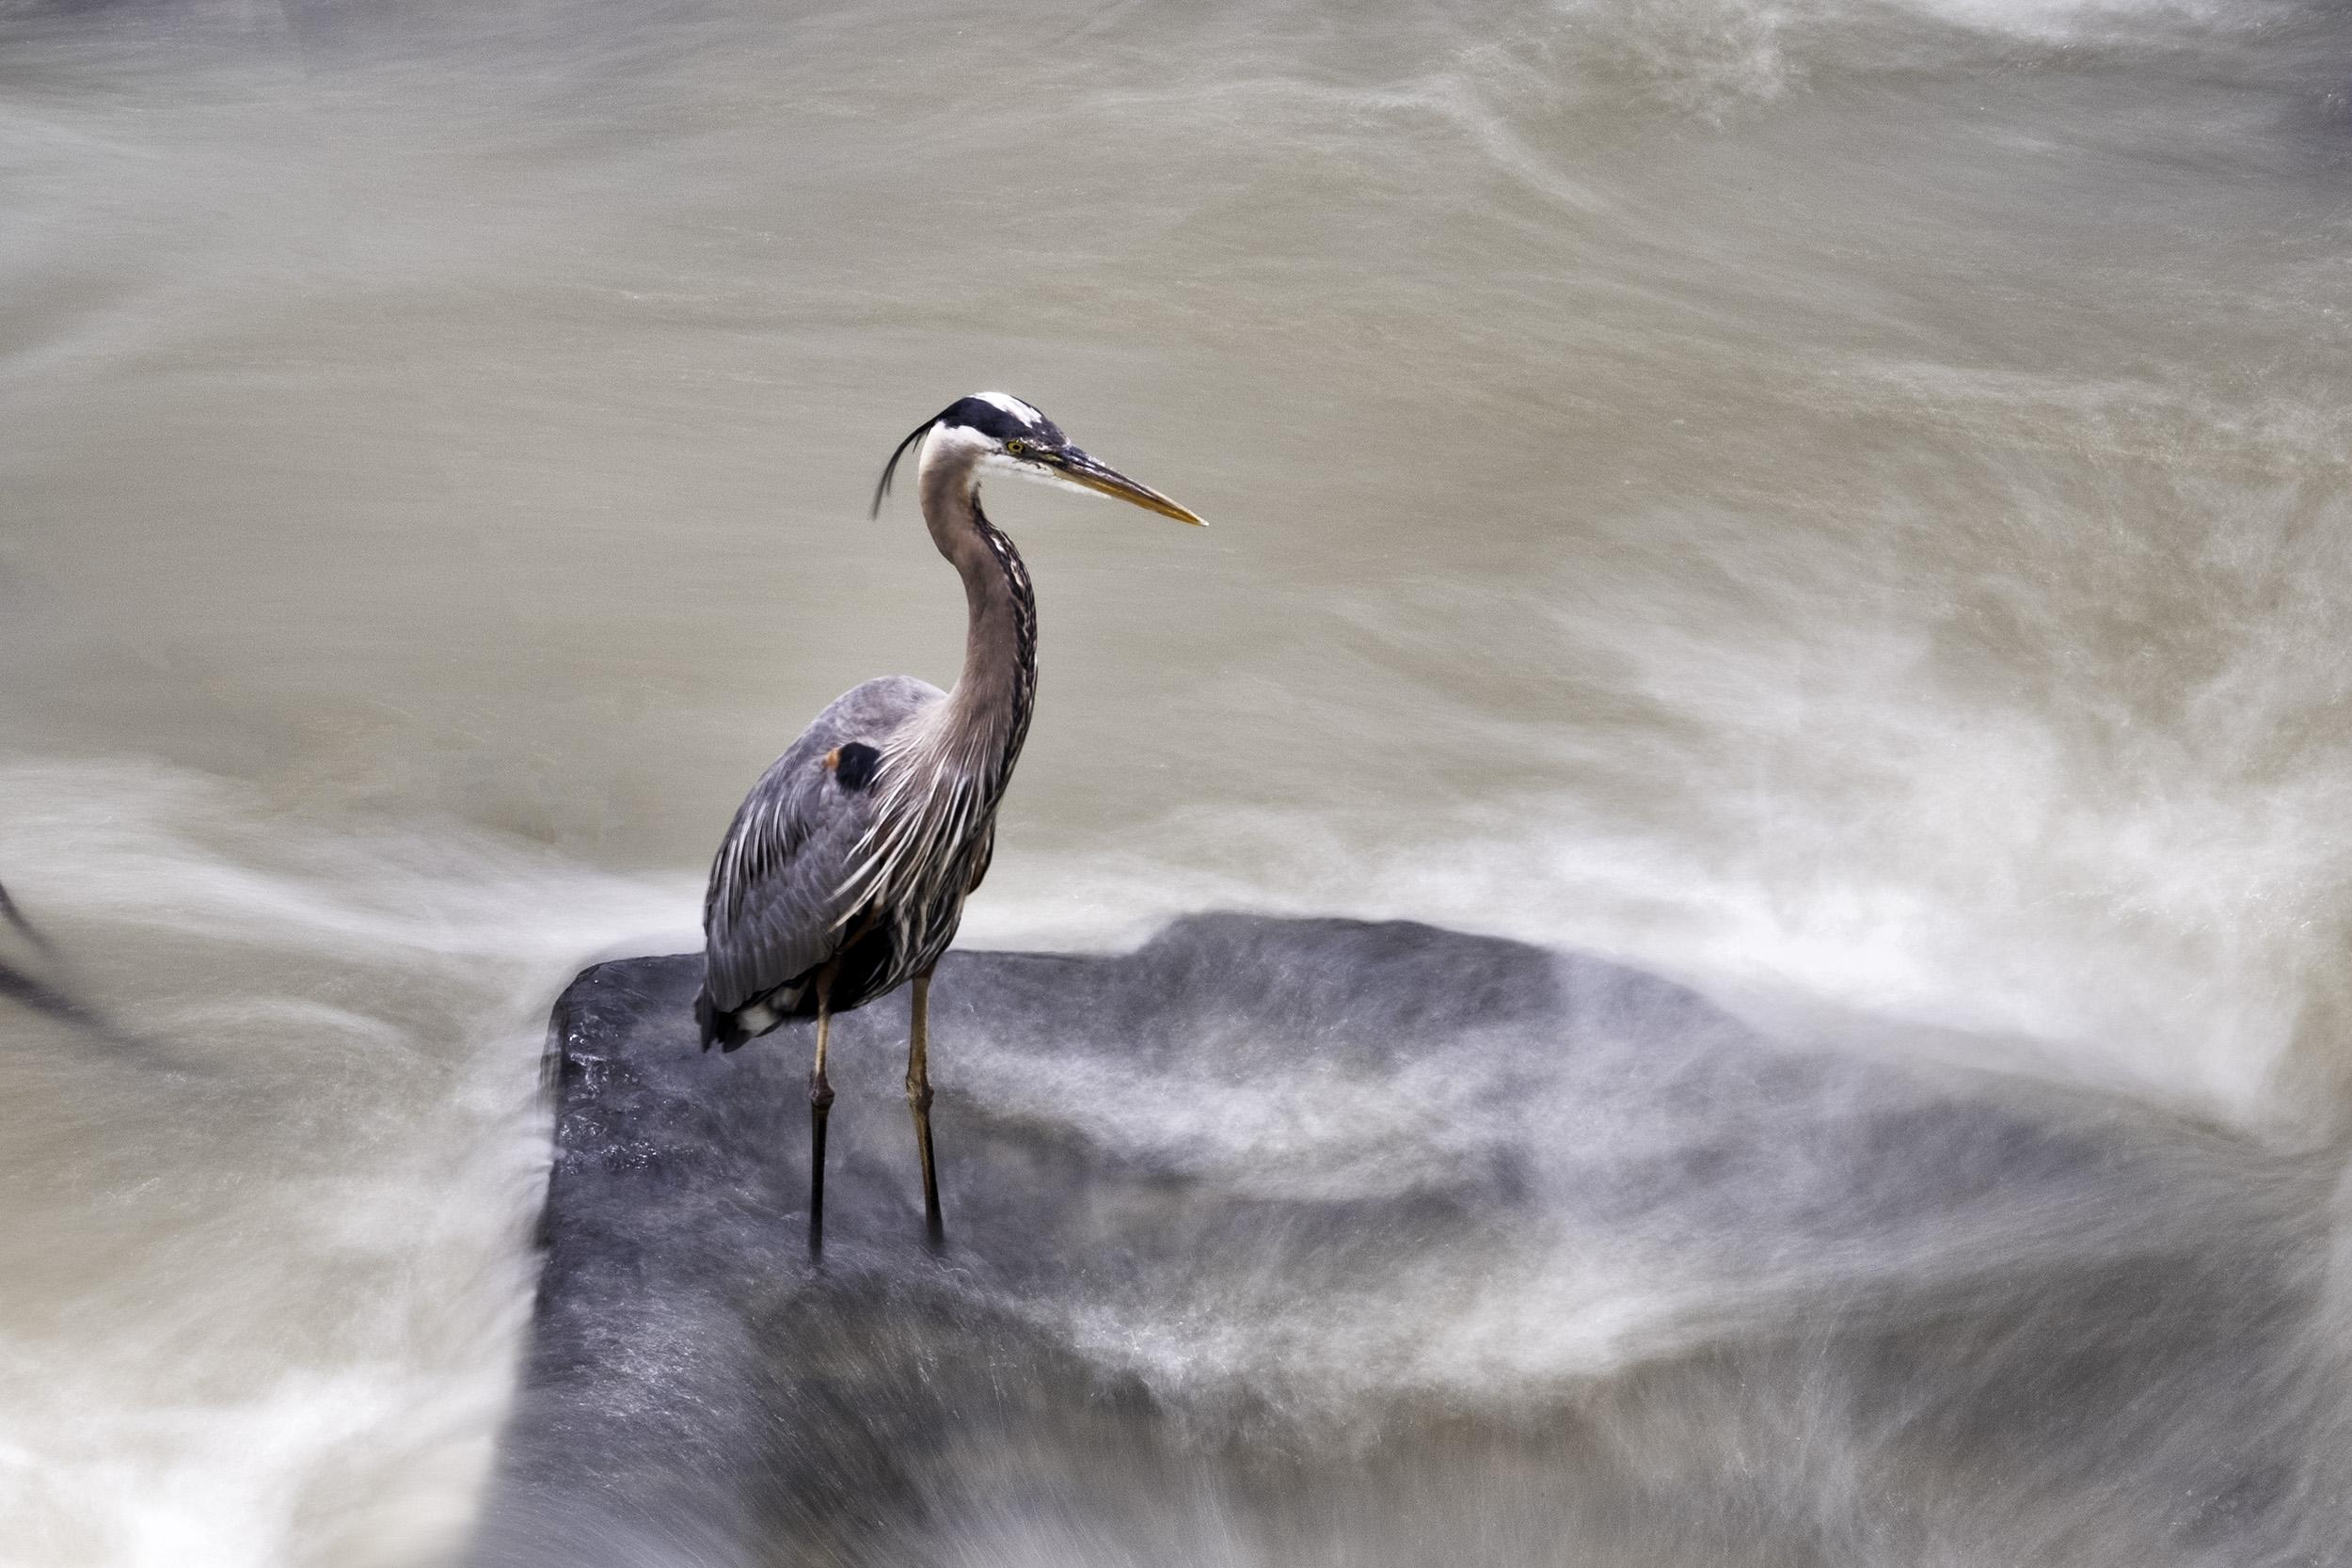 190522 Great Falls Heron 001-1 cr.jpg